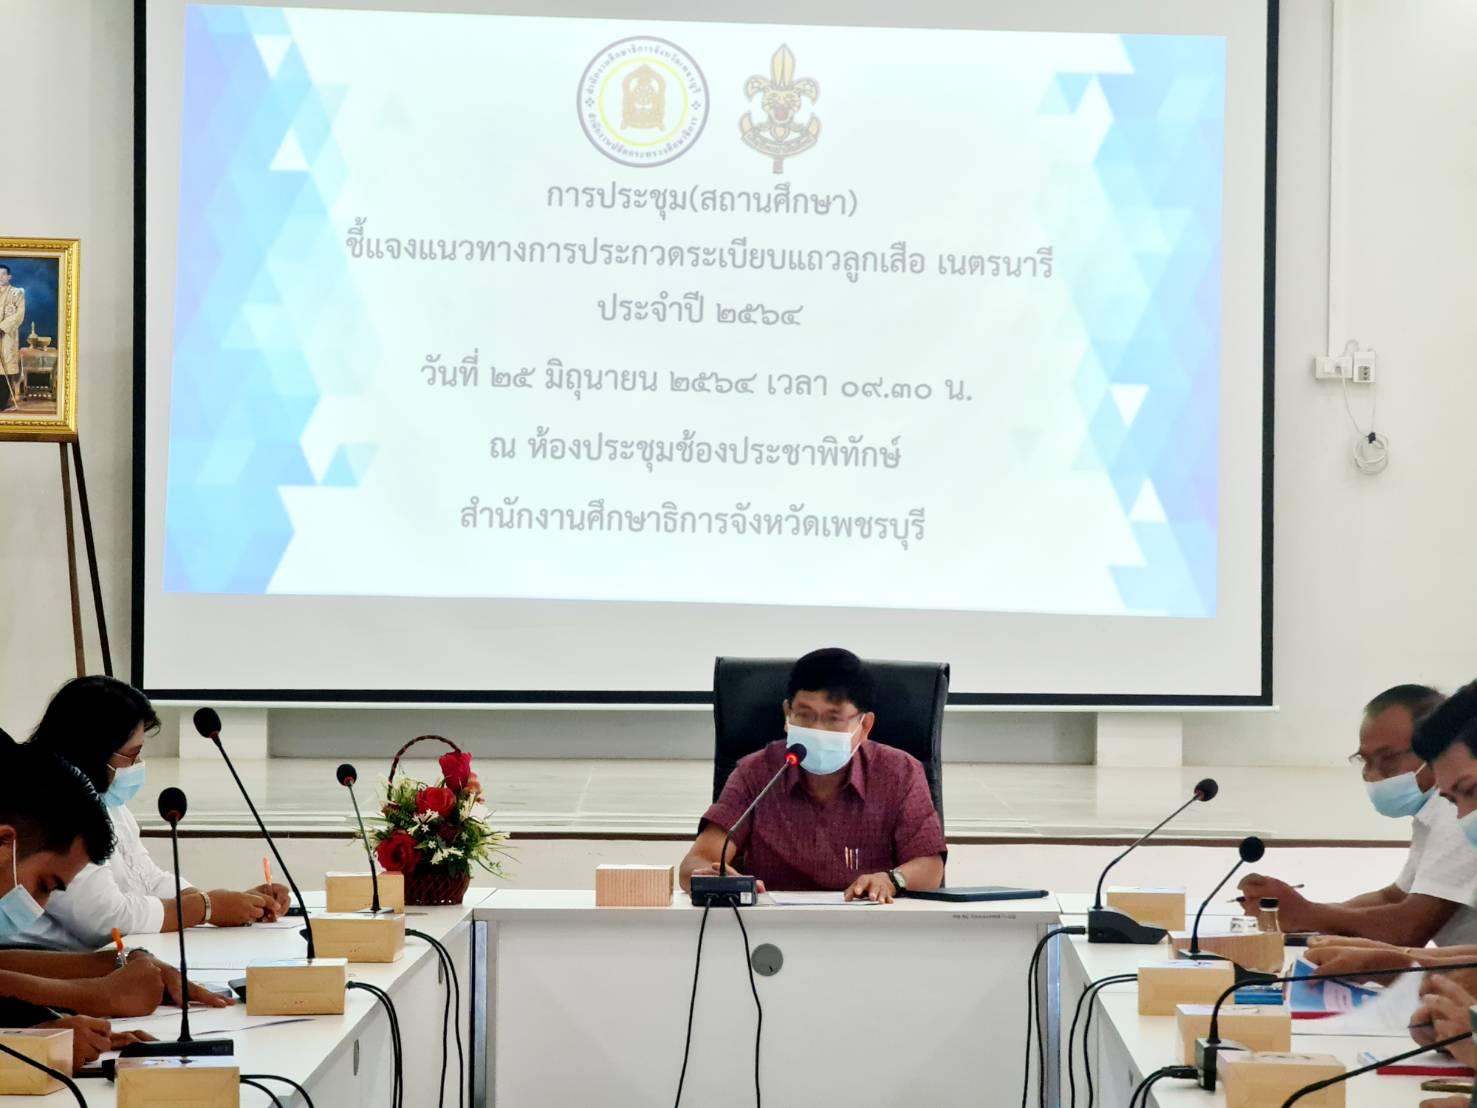 การประชุม(สถานศึกษา) ชี้แจงแนวทางการประกวดระเบียบแถวลูกเสือ เนตรนารี ประจำปี 2564